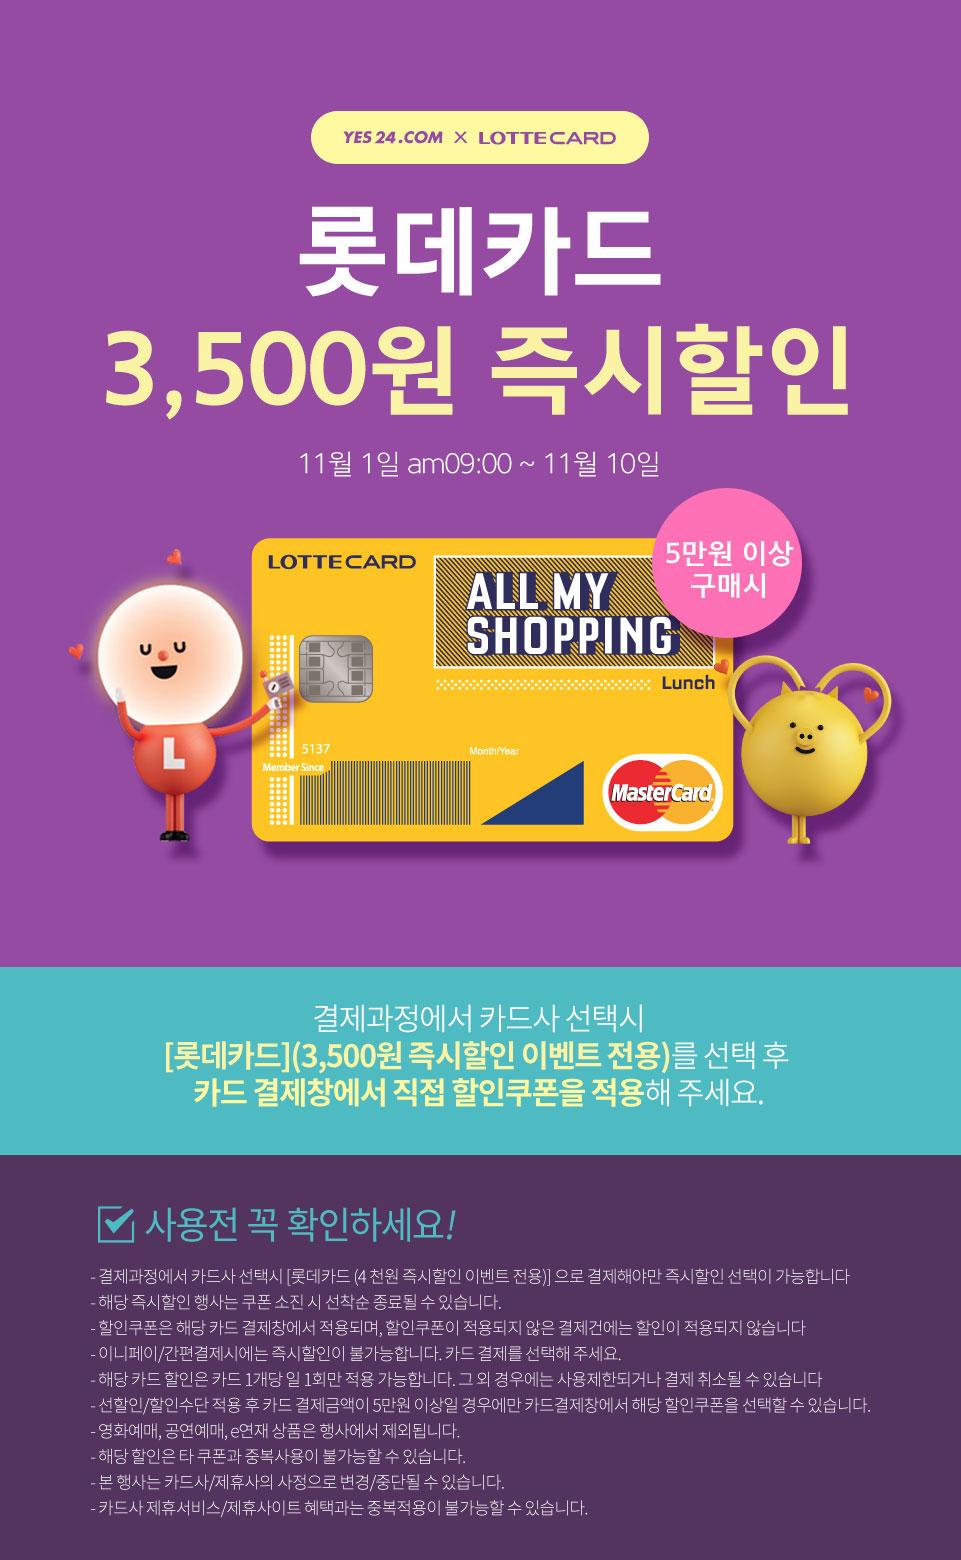 롯데카드 3500원 즉시할인 이벤트